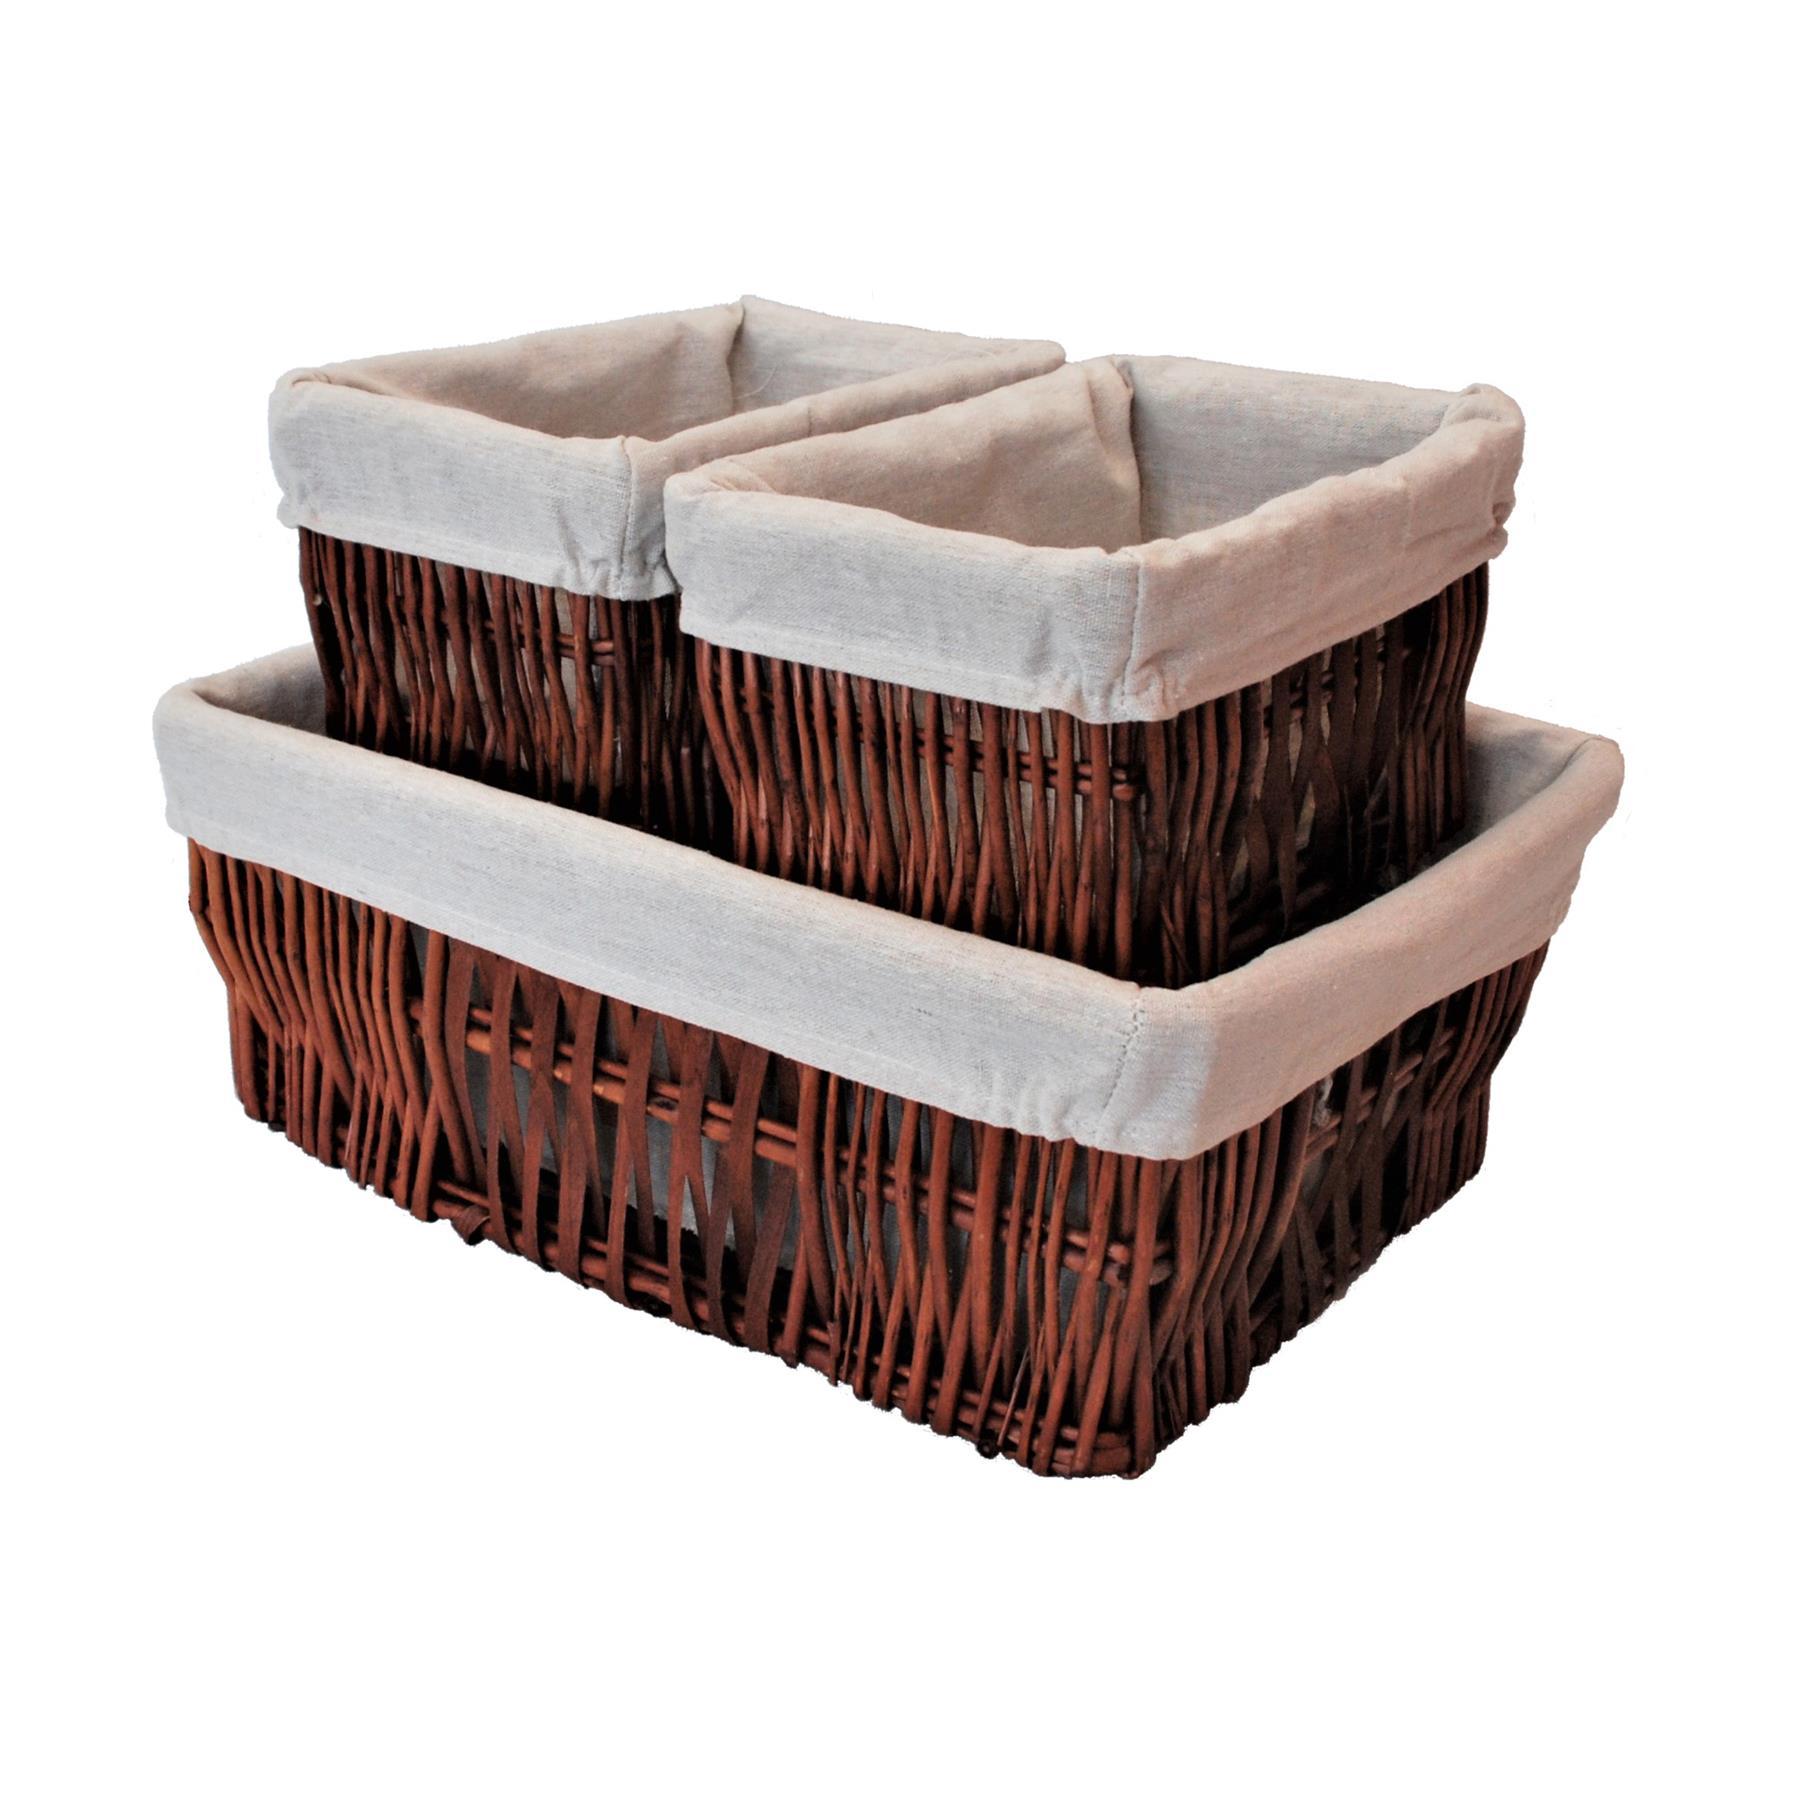 3 Piece Natural Woven Wicker Storage Basket Set 5059331124584 Ebay